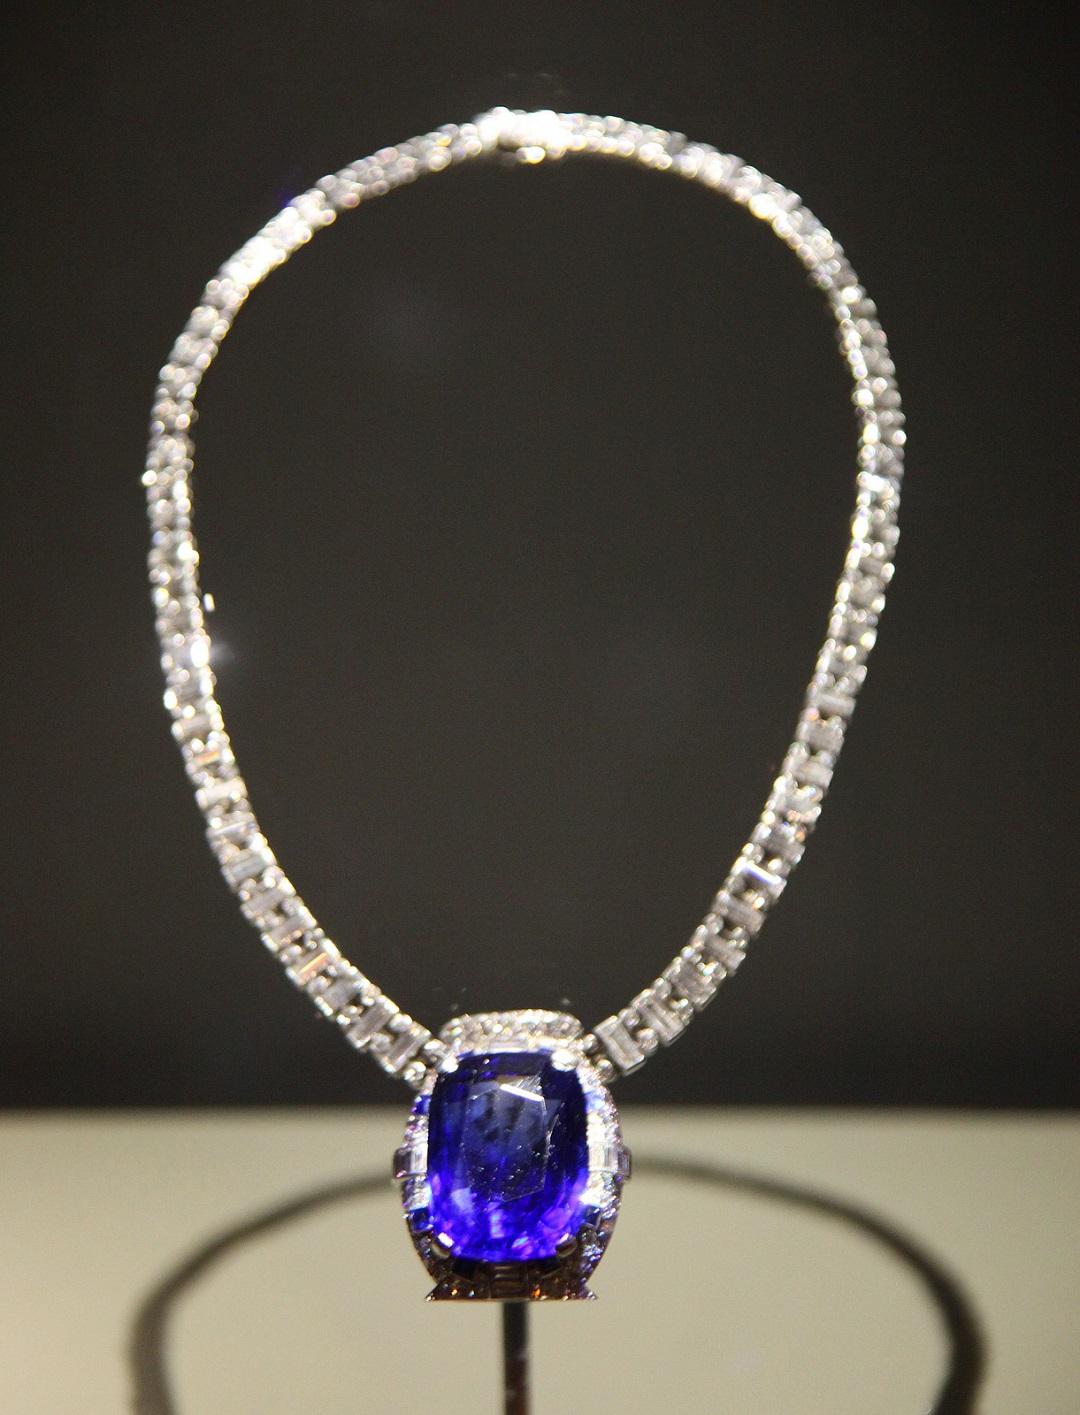 فوائد حجر الياقوت الأزرق - قلادة